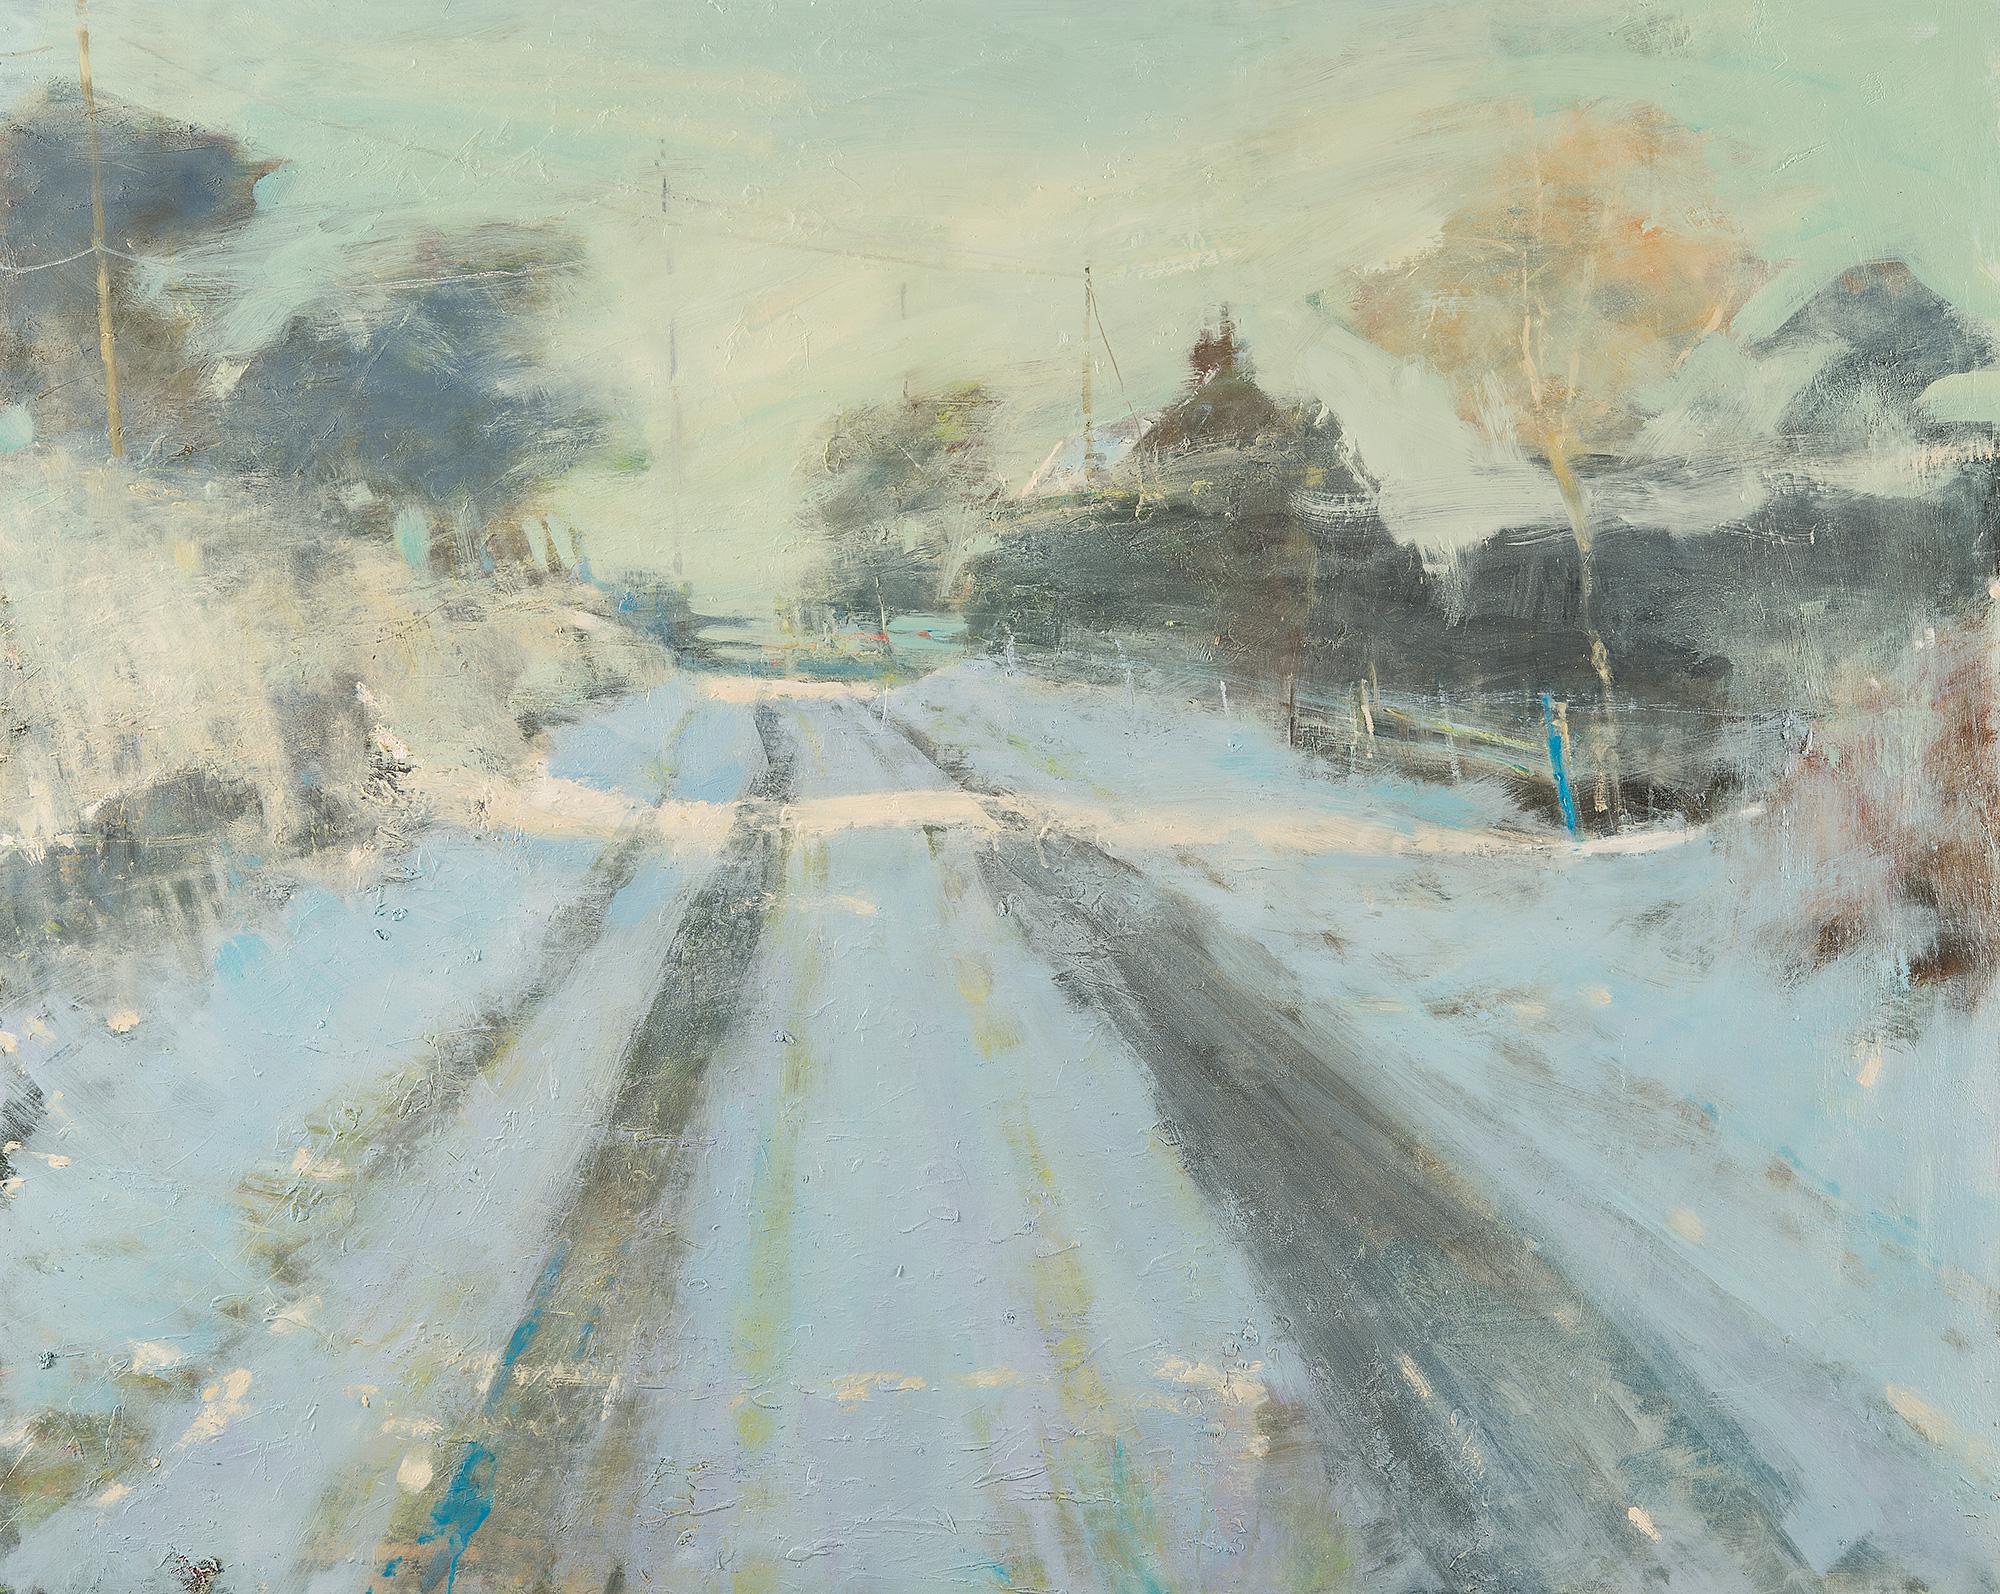 Late Sun, Cornish Winter.  Oil on board. 120 x 150cm  Sold